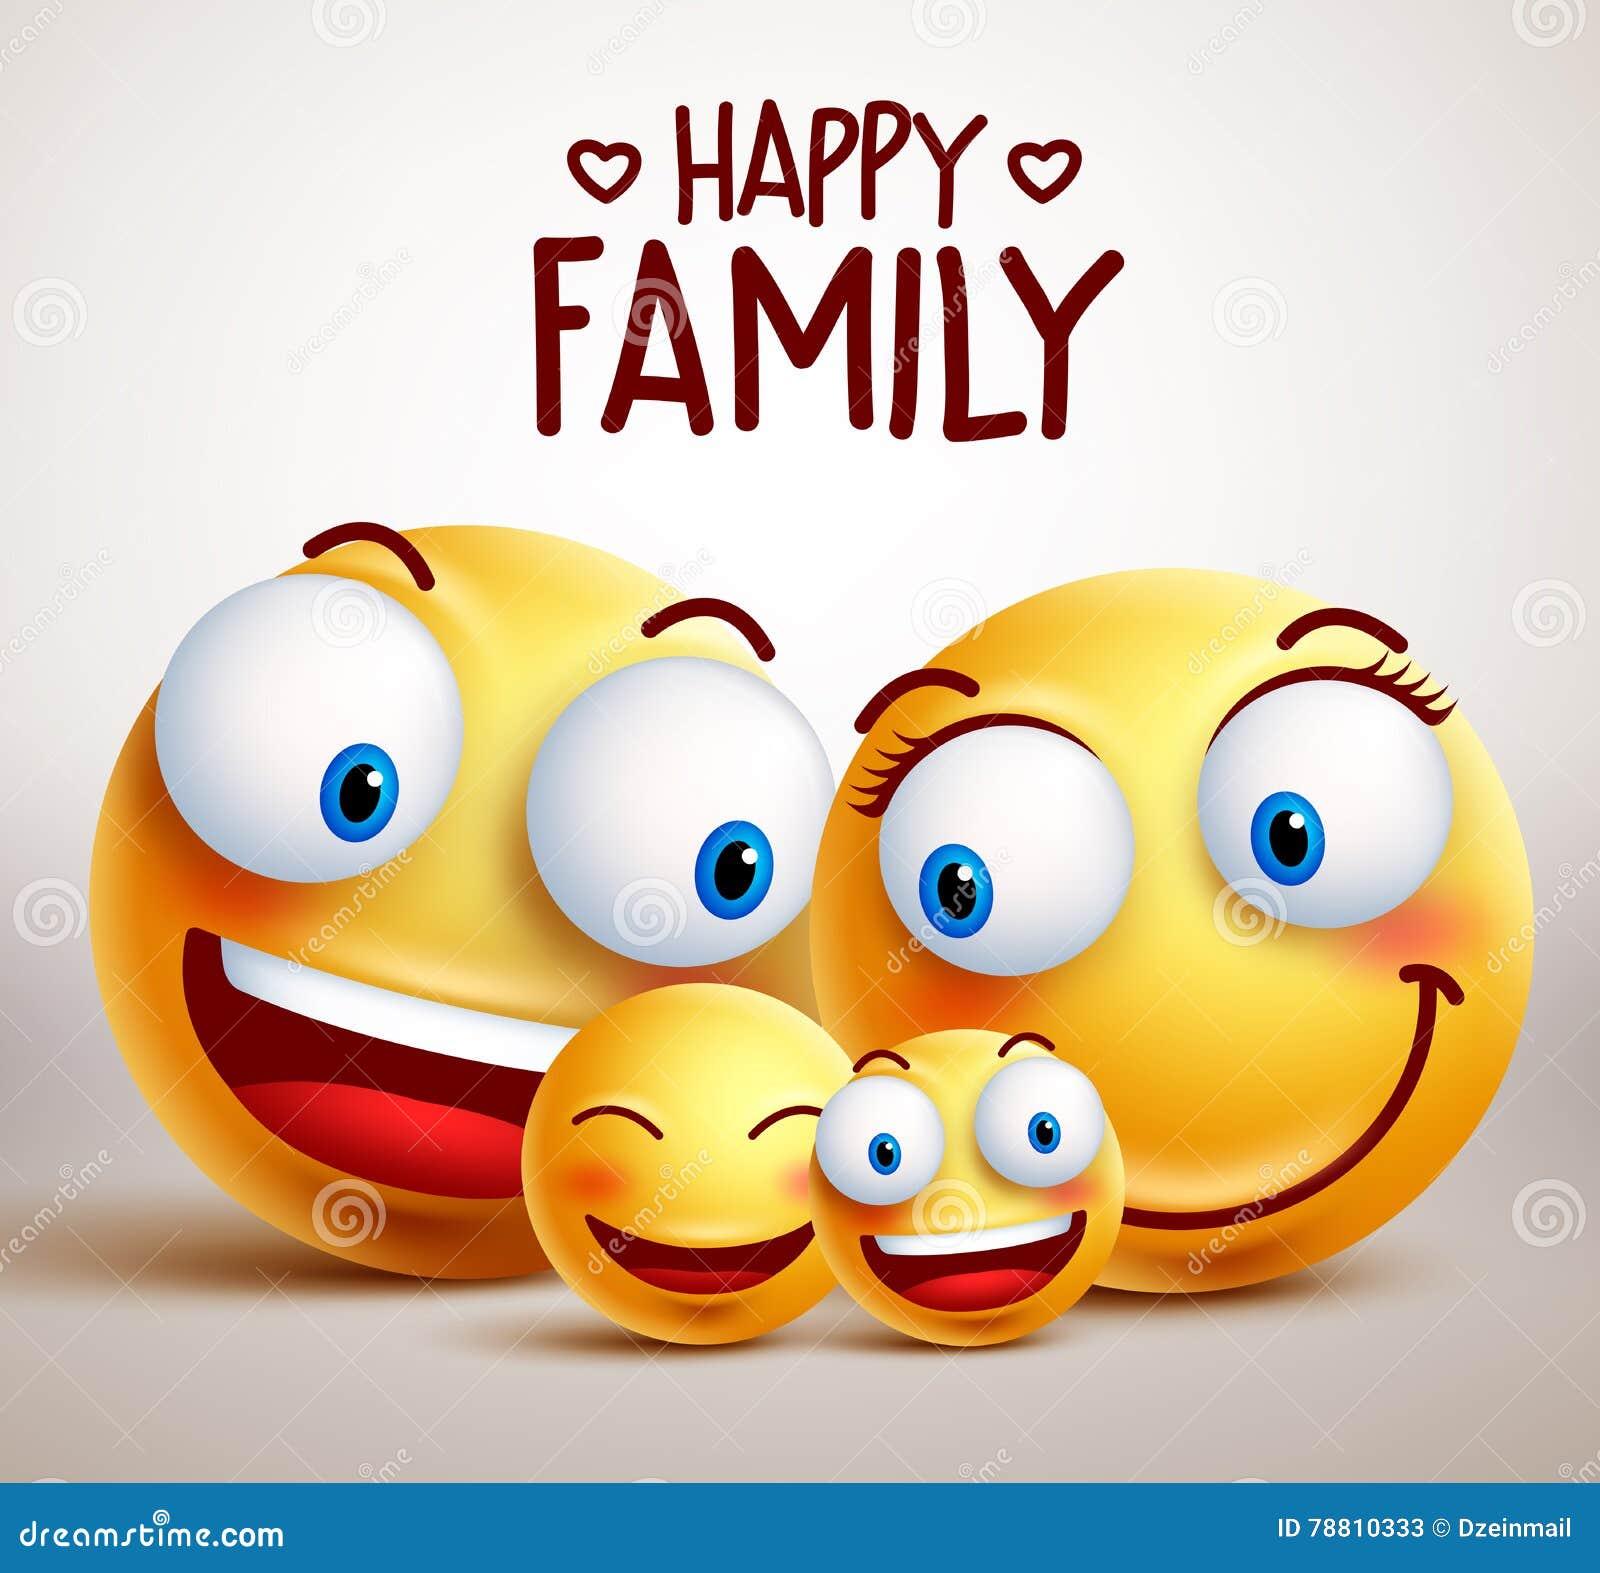 Caracteres sonrientes del vector de la cara de la familia feliz con el padre, la madre y los niños